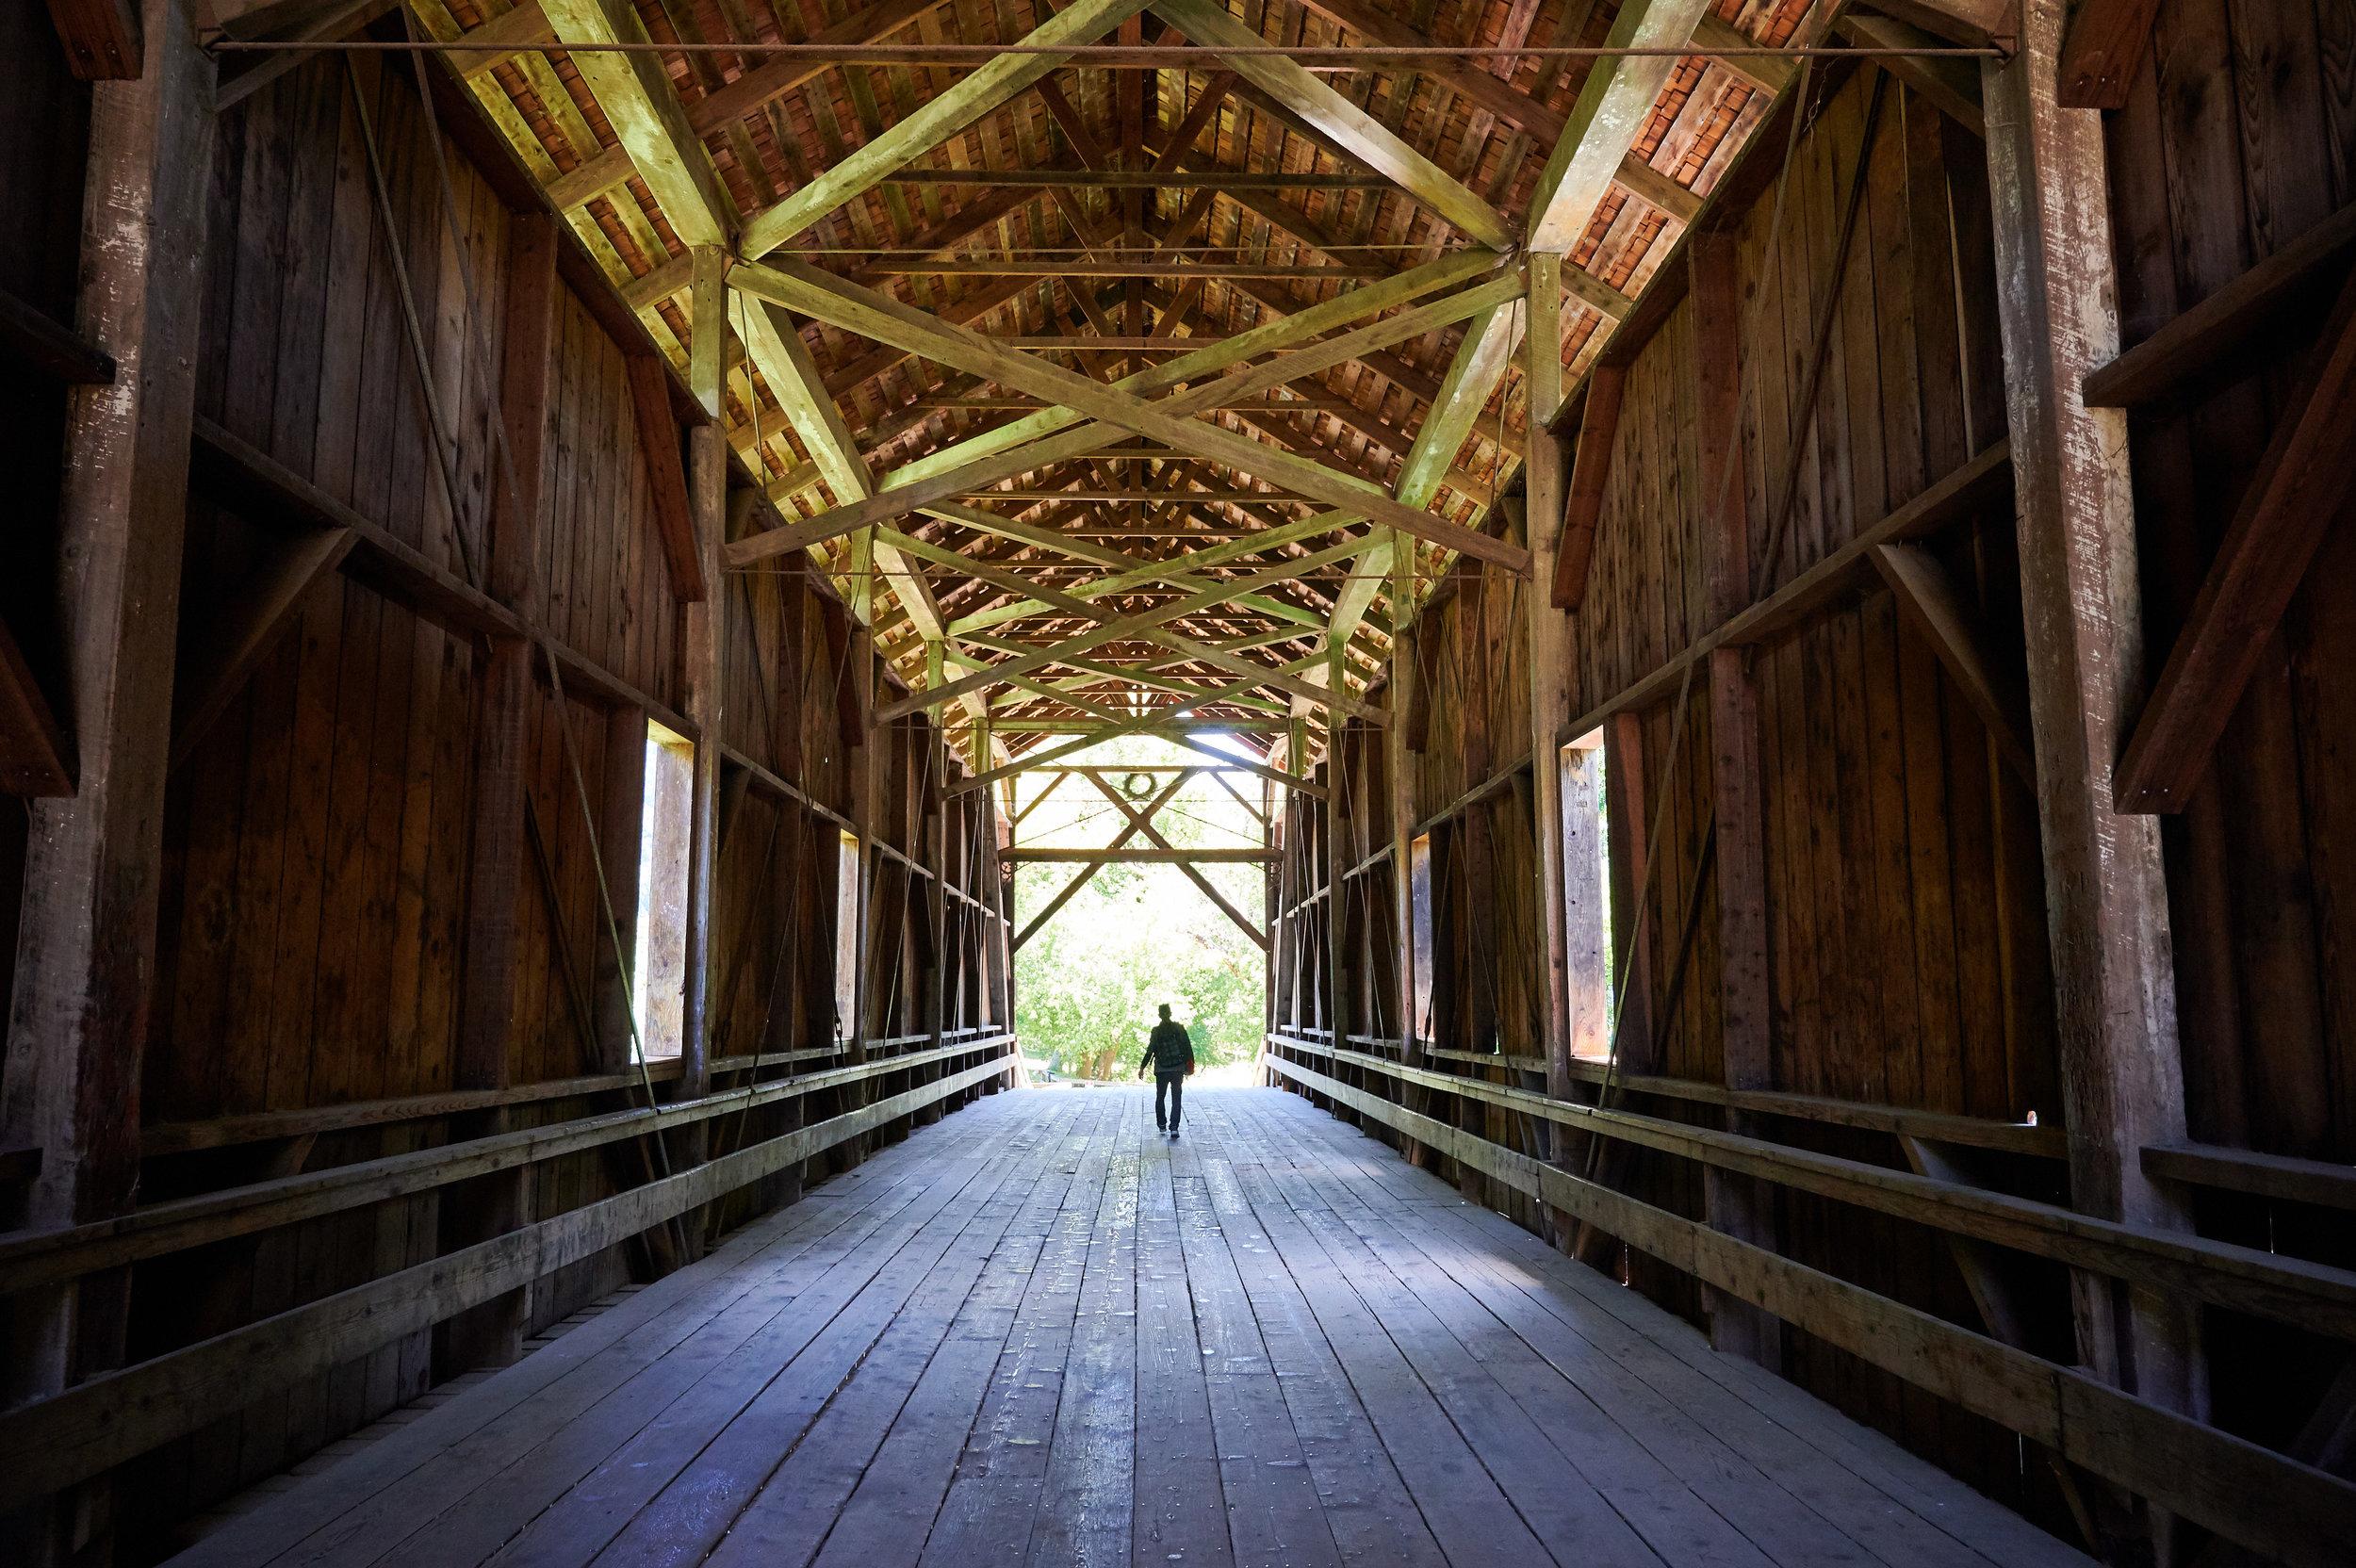 felton-guild-and-covered-bridge-2019-07-09-40.jpg